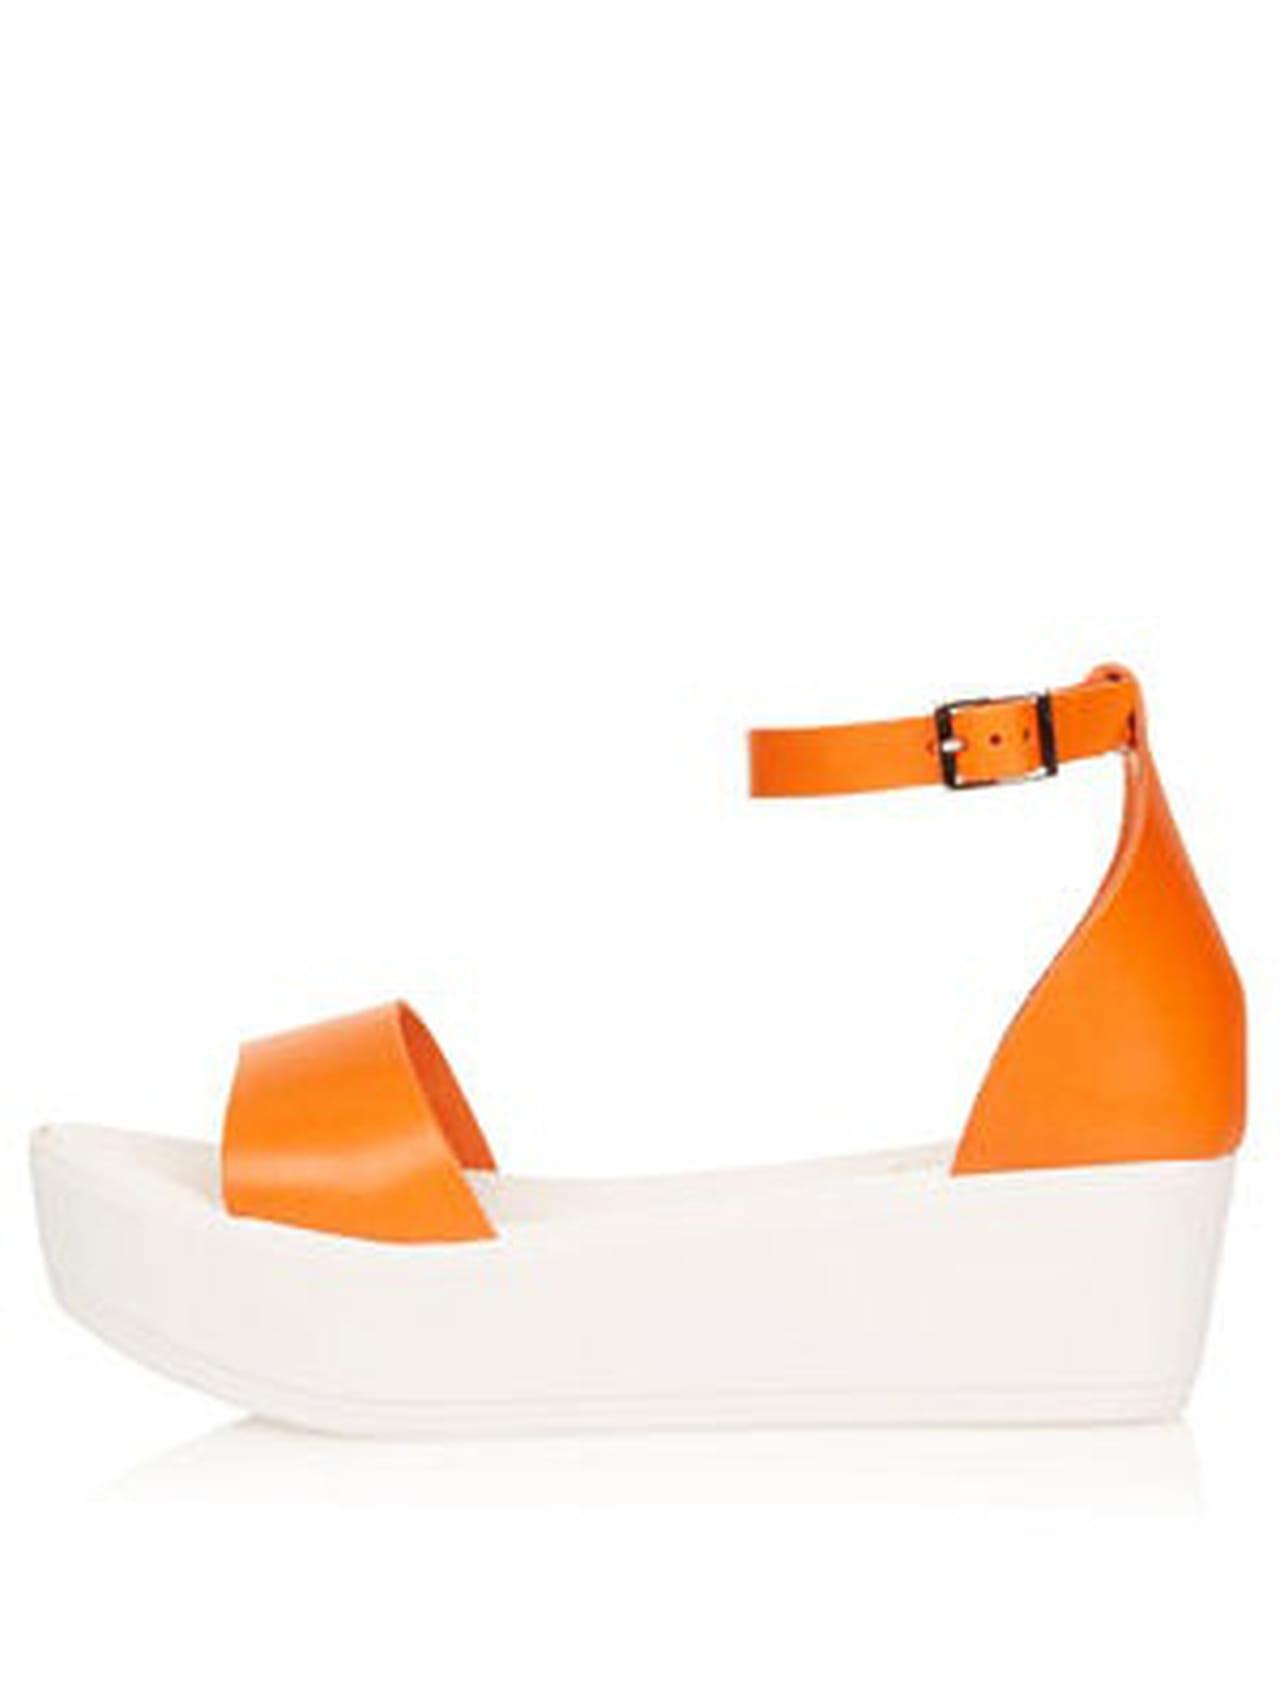 Sandales Semelle Et Plate Compensée De Topshop En Cuir Orange Blanche ZuOTwPkXi